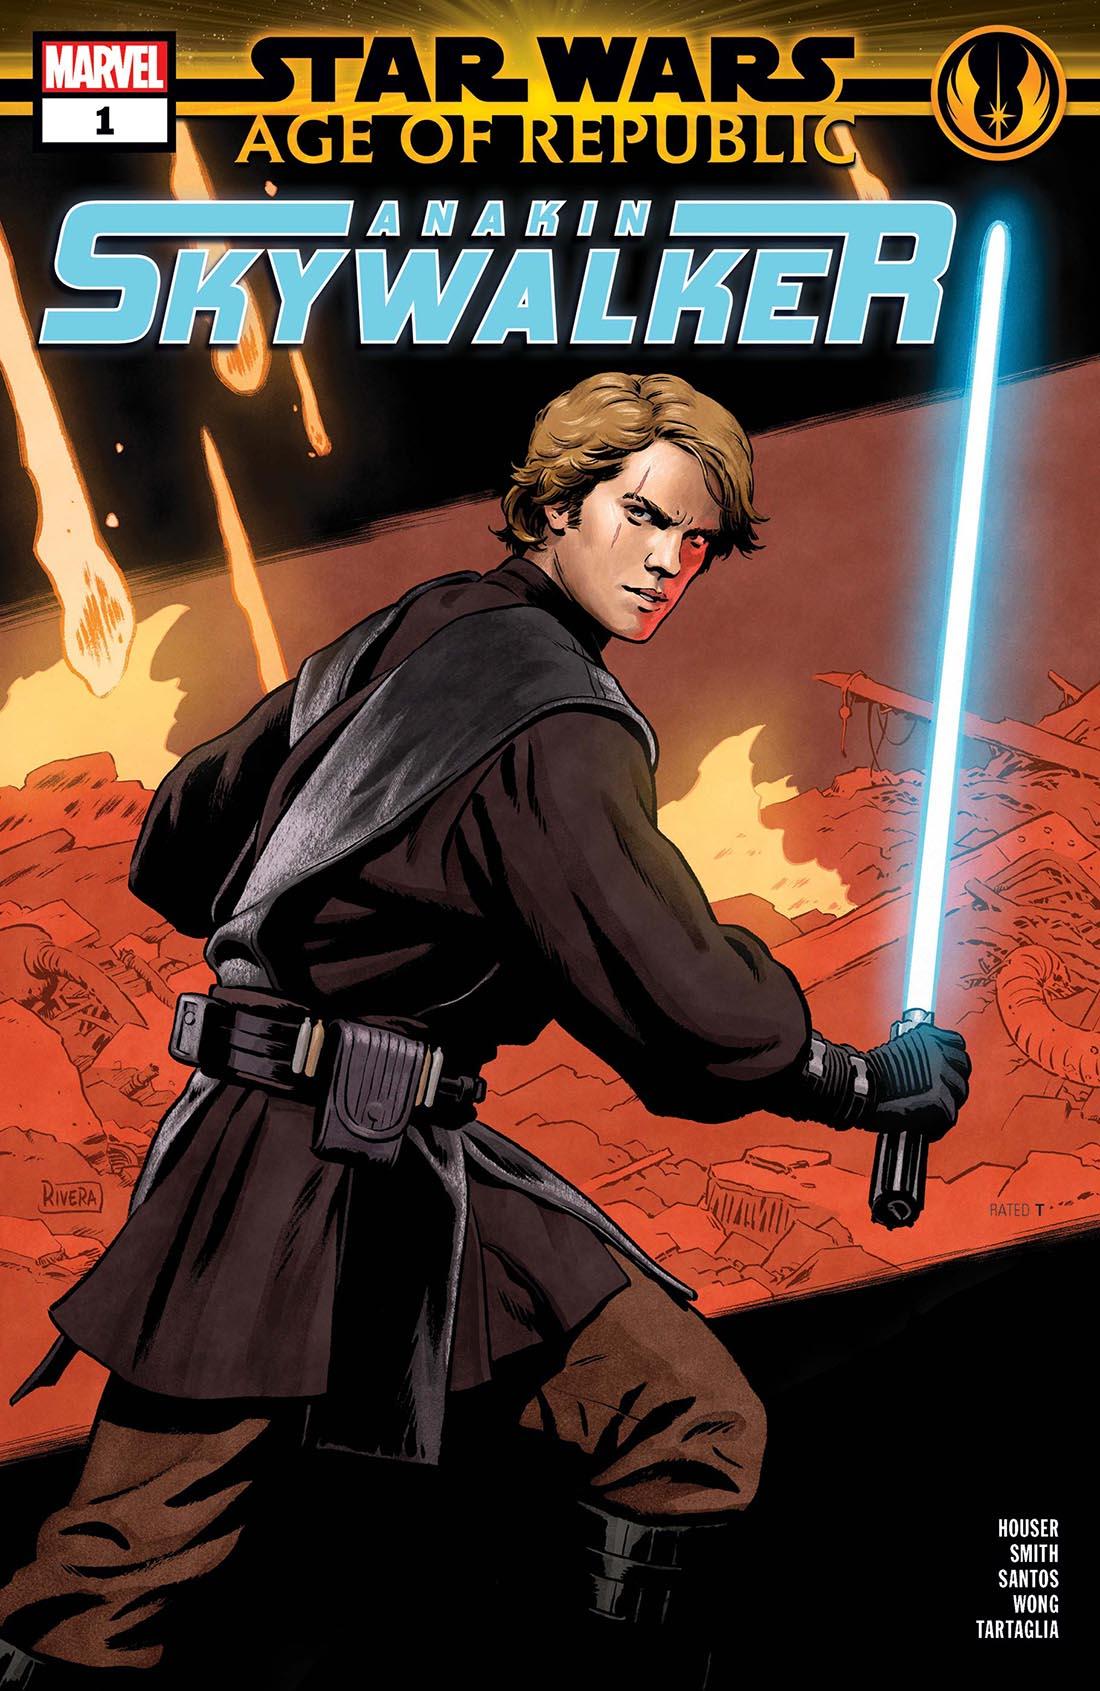 Star Wars_Age of Republic - Anakin Skywalker #1.jpg